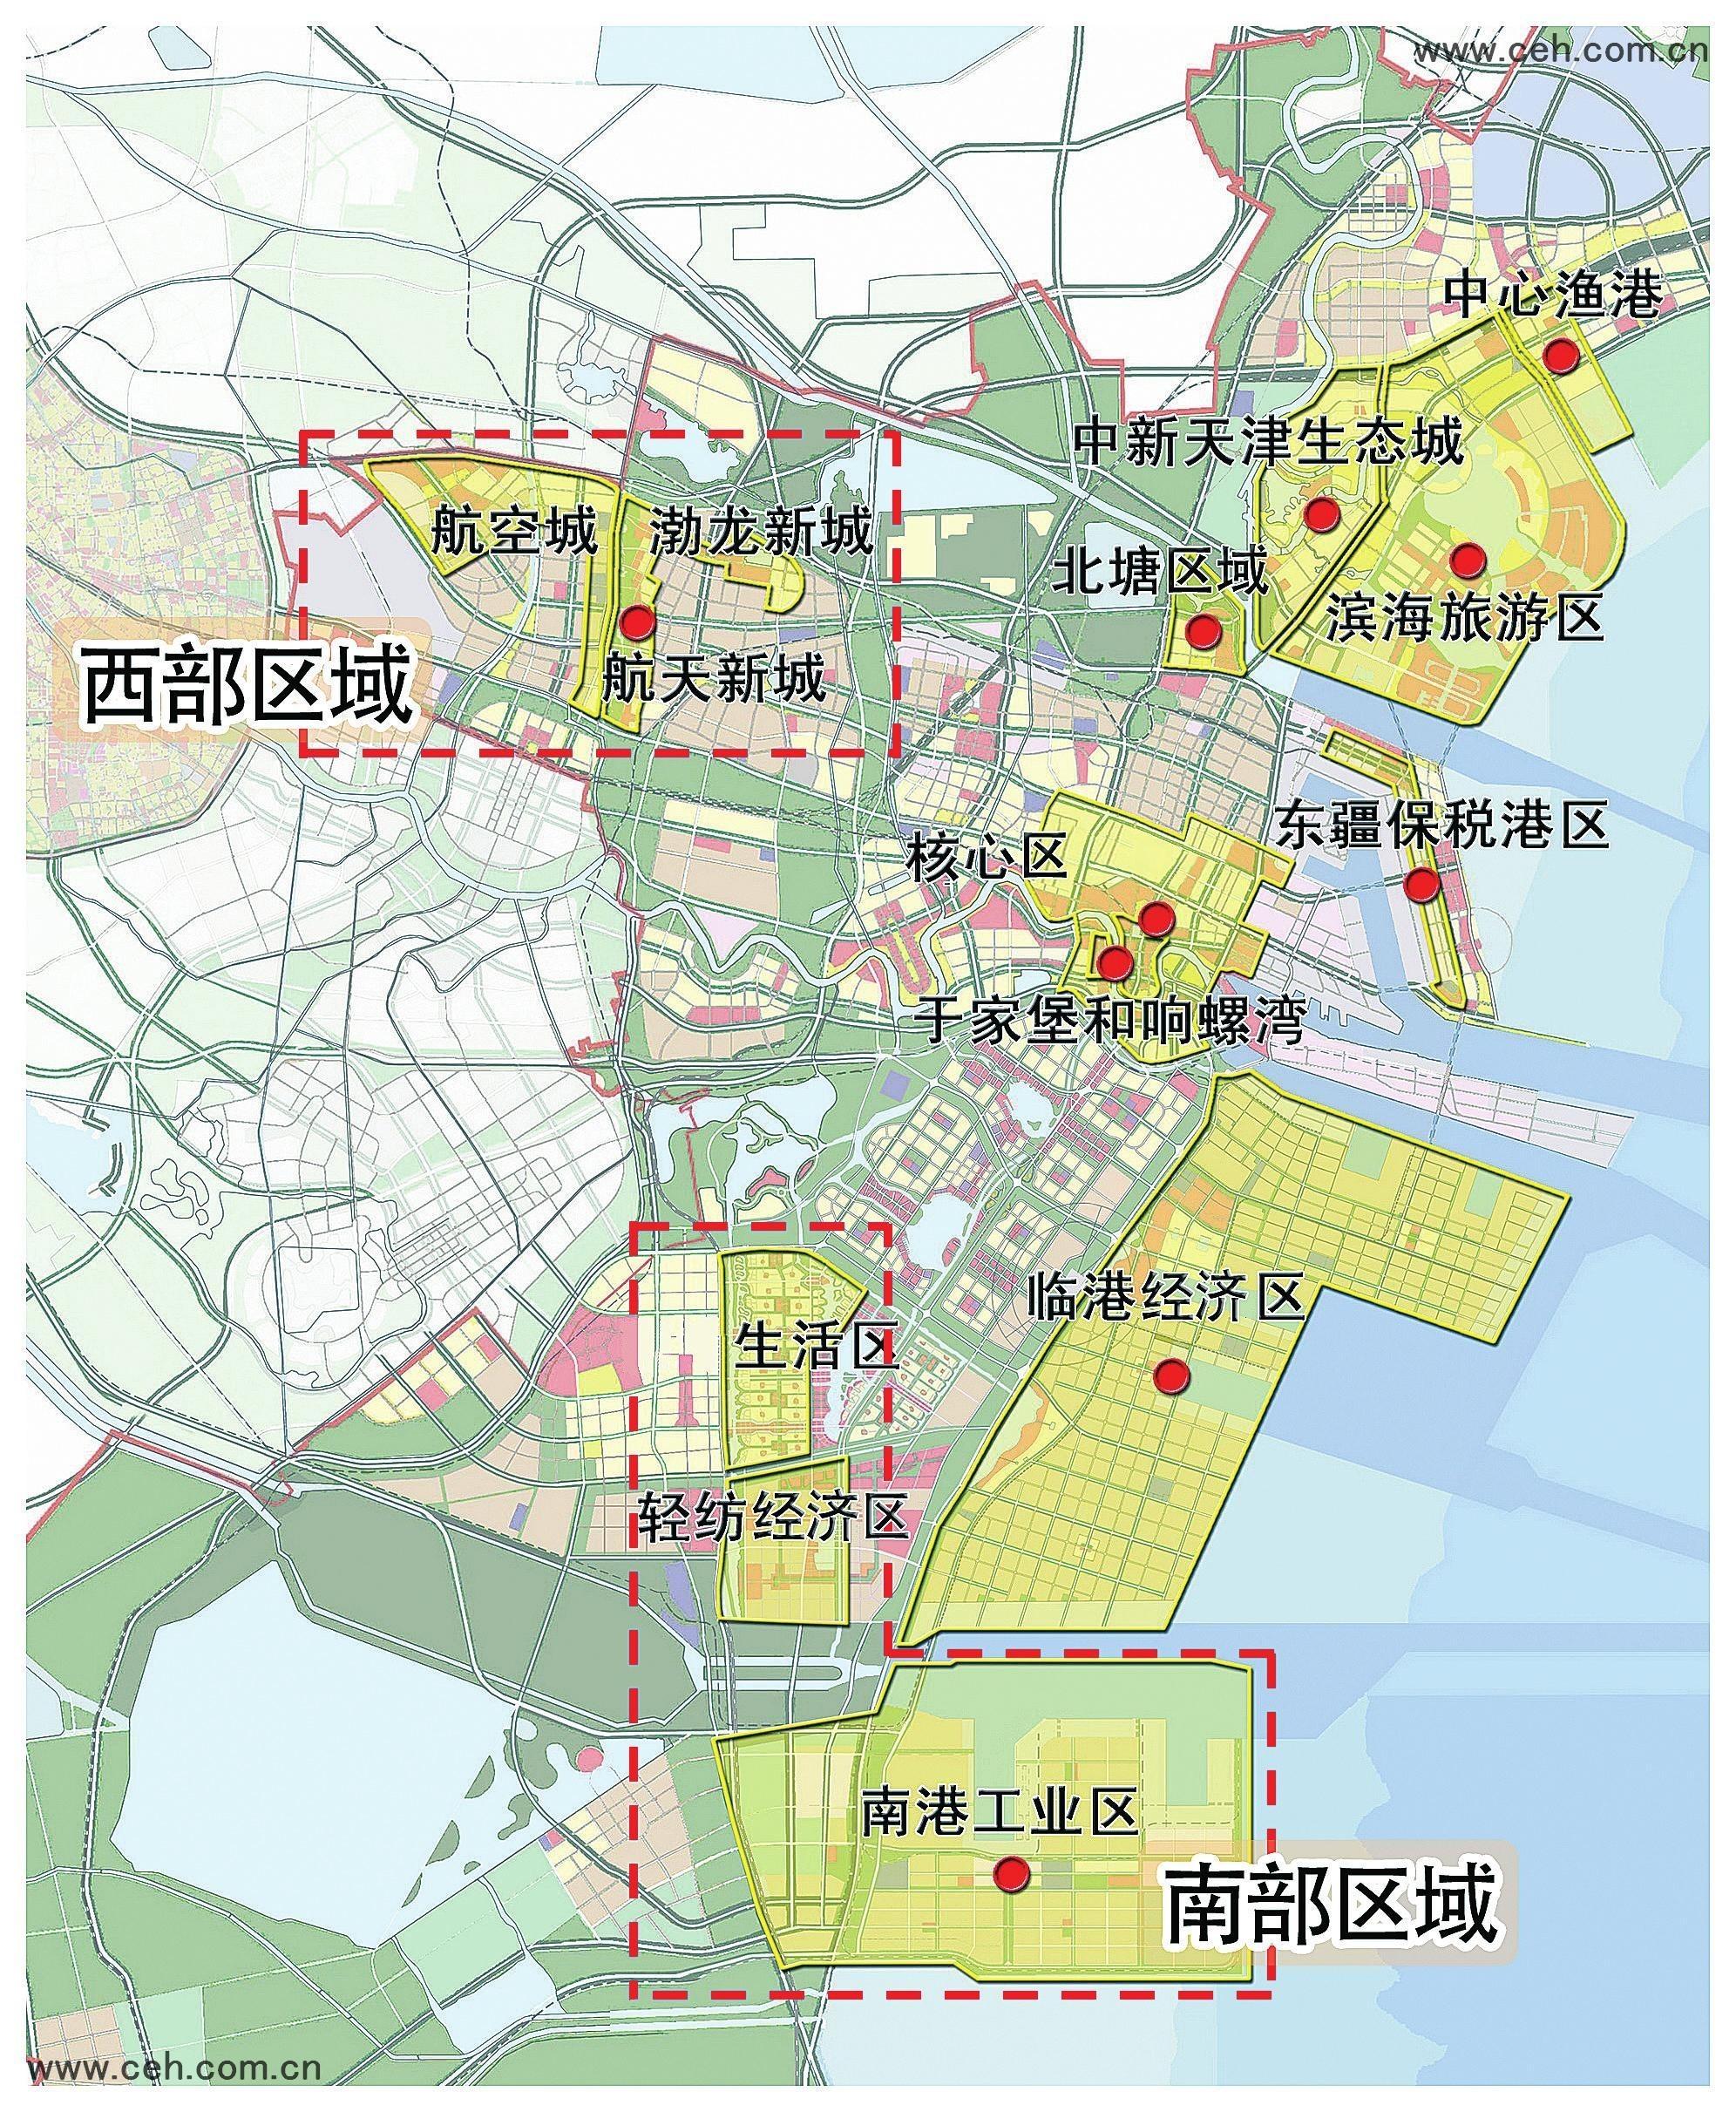 大沥表村新区自建房房屋平面设计图